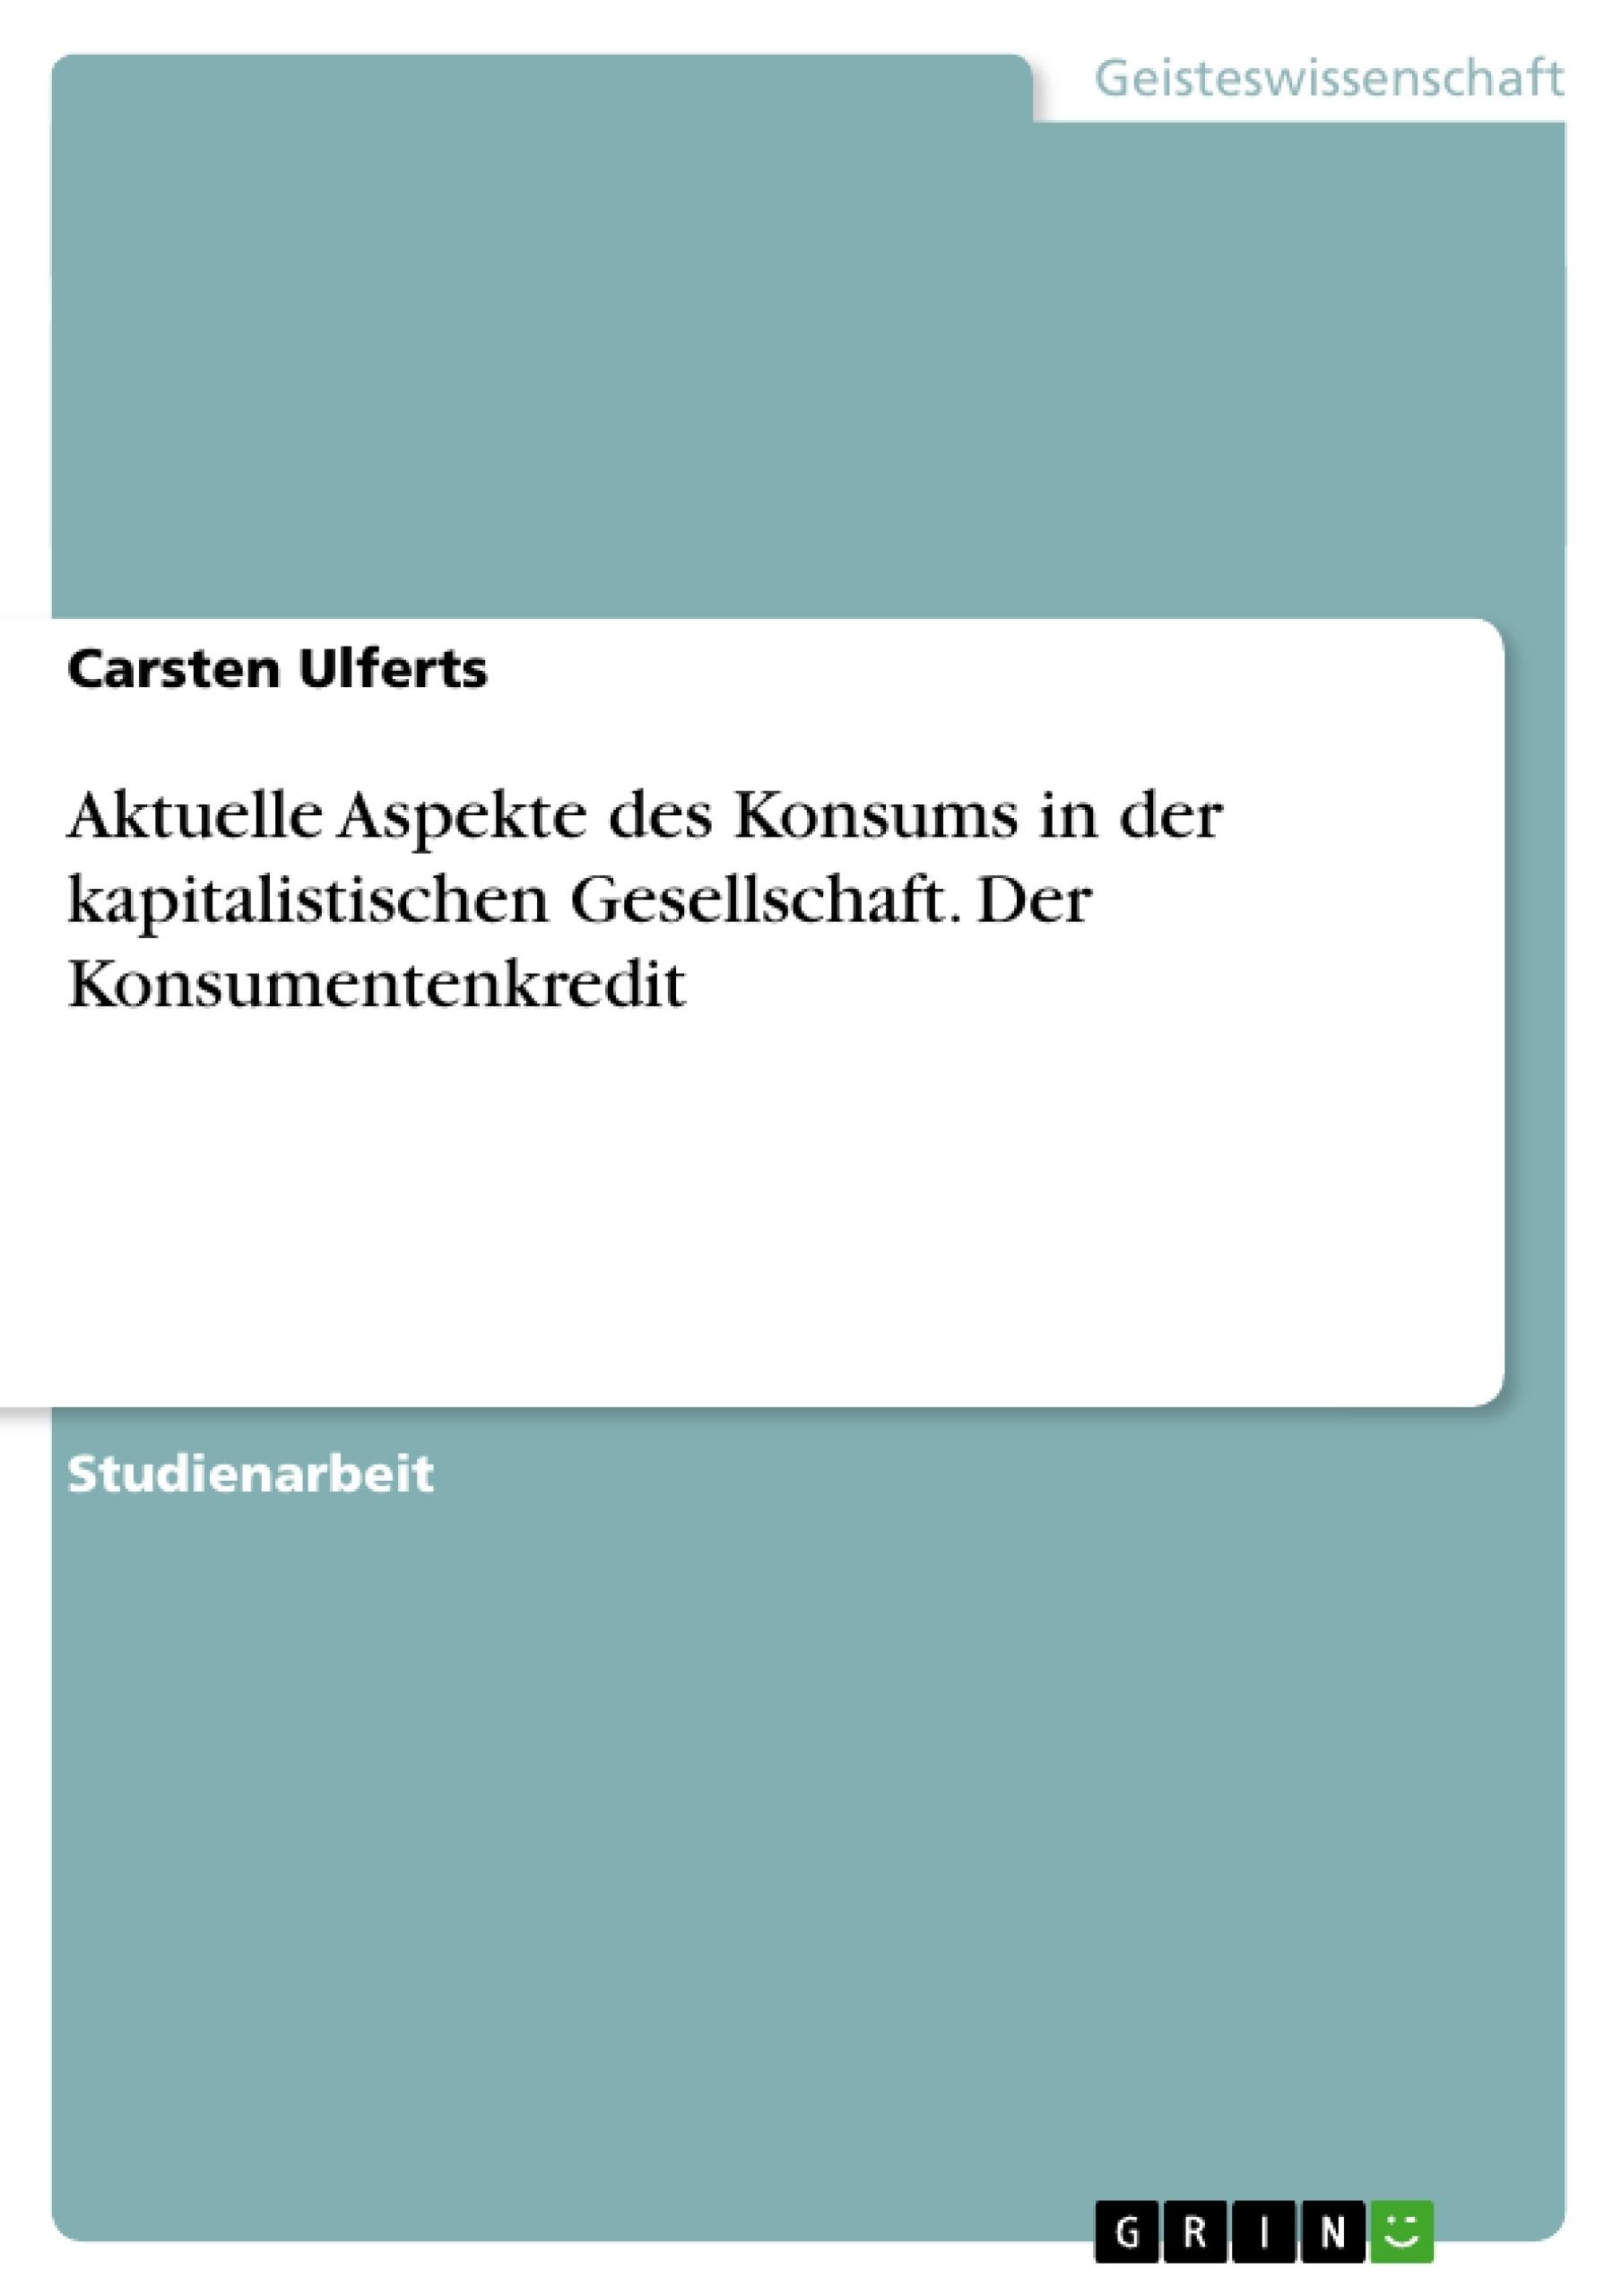 Titel: Aktuelle Aspekte des Konsums in der kapitalistischen Gesellschaft. Der Konsumentenkredit